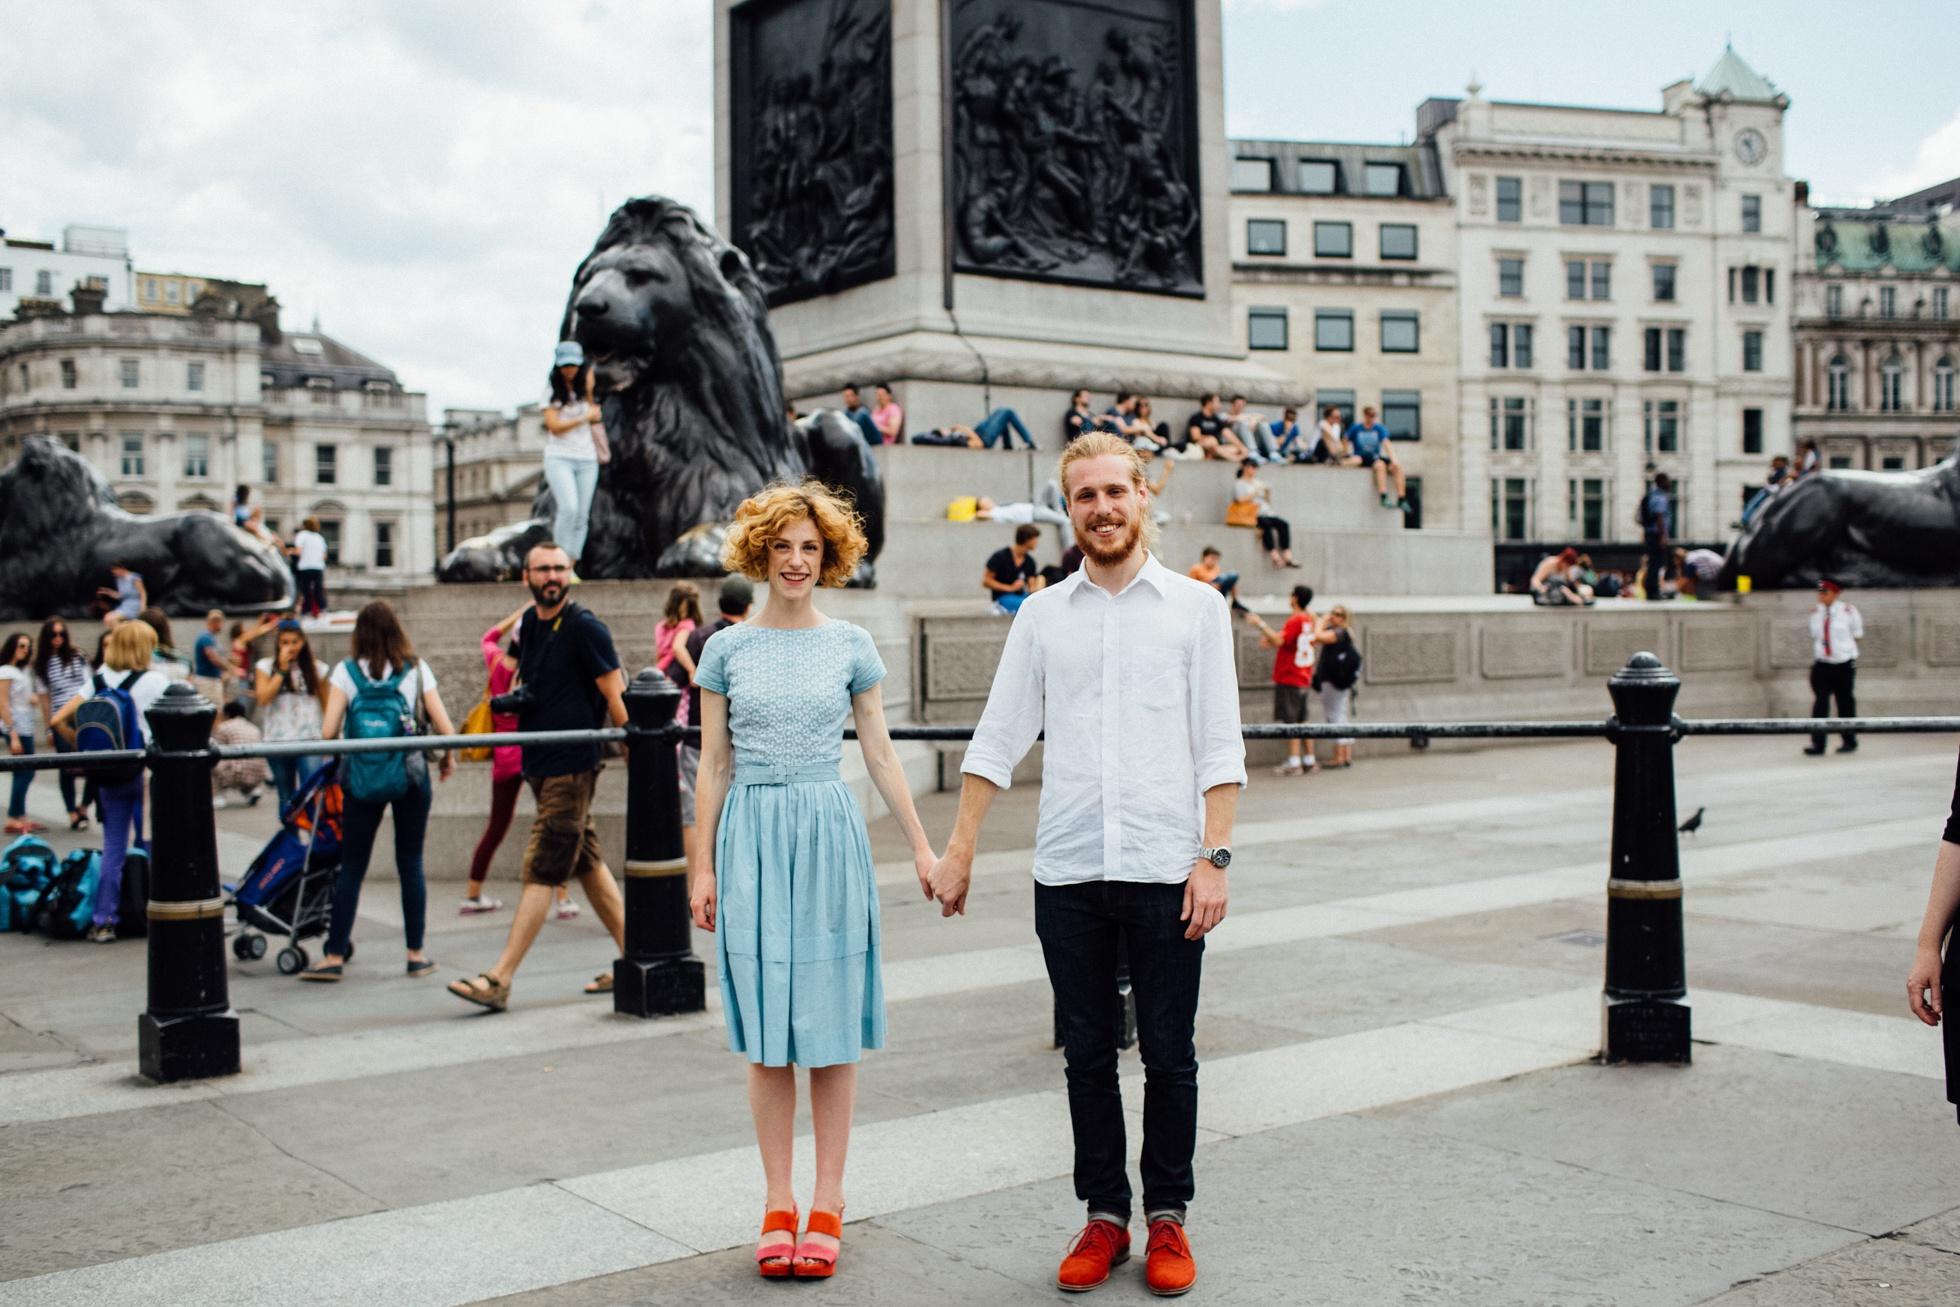 engagement photography london trafalgar square photoshoot